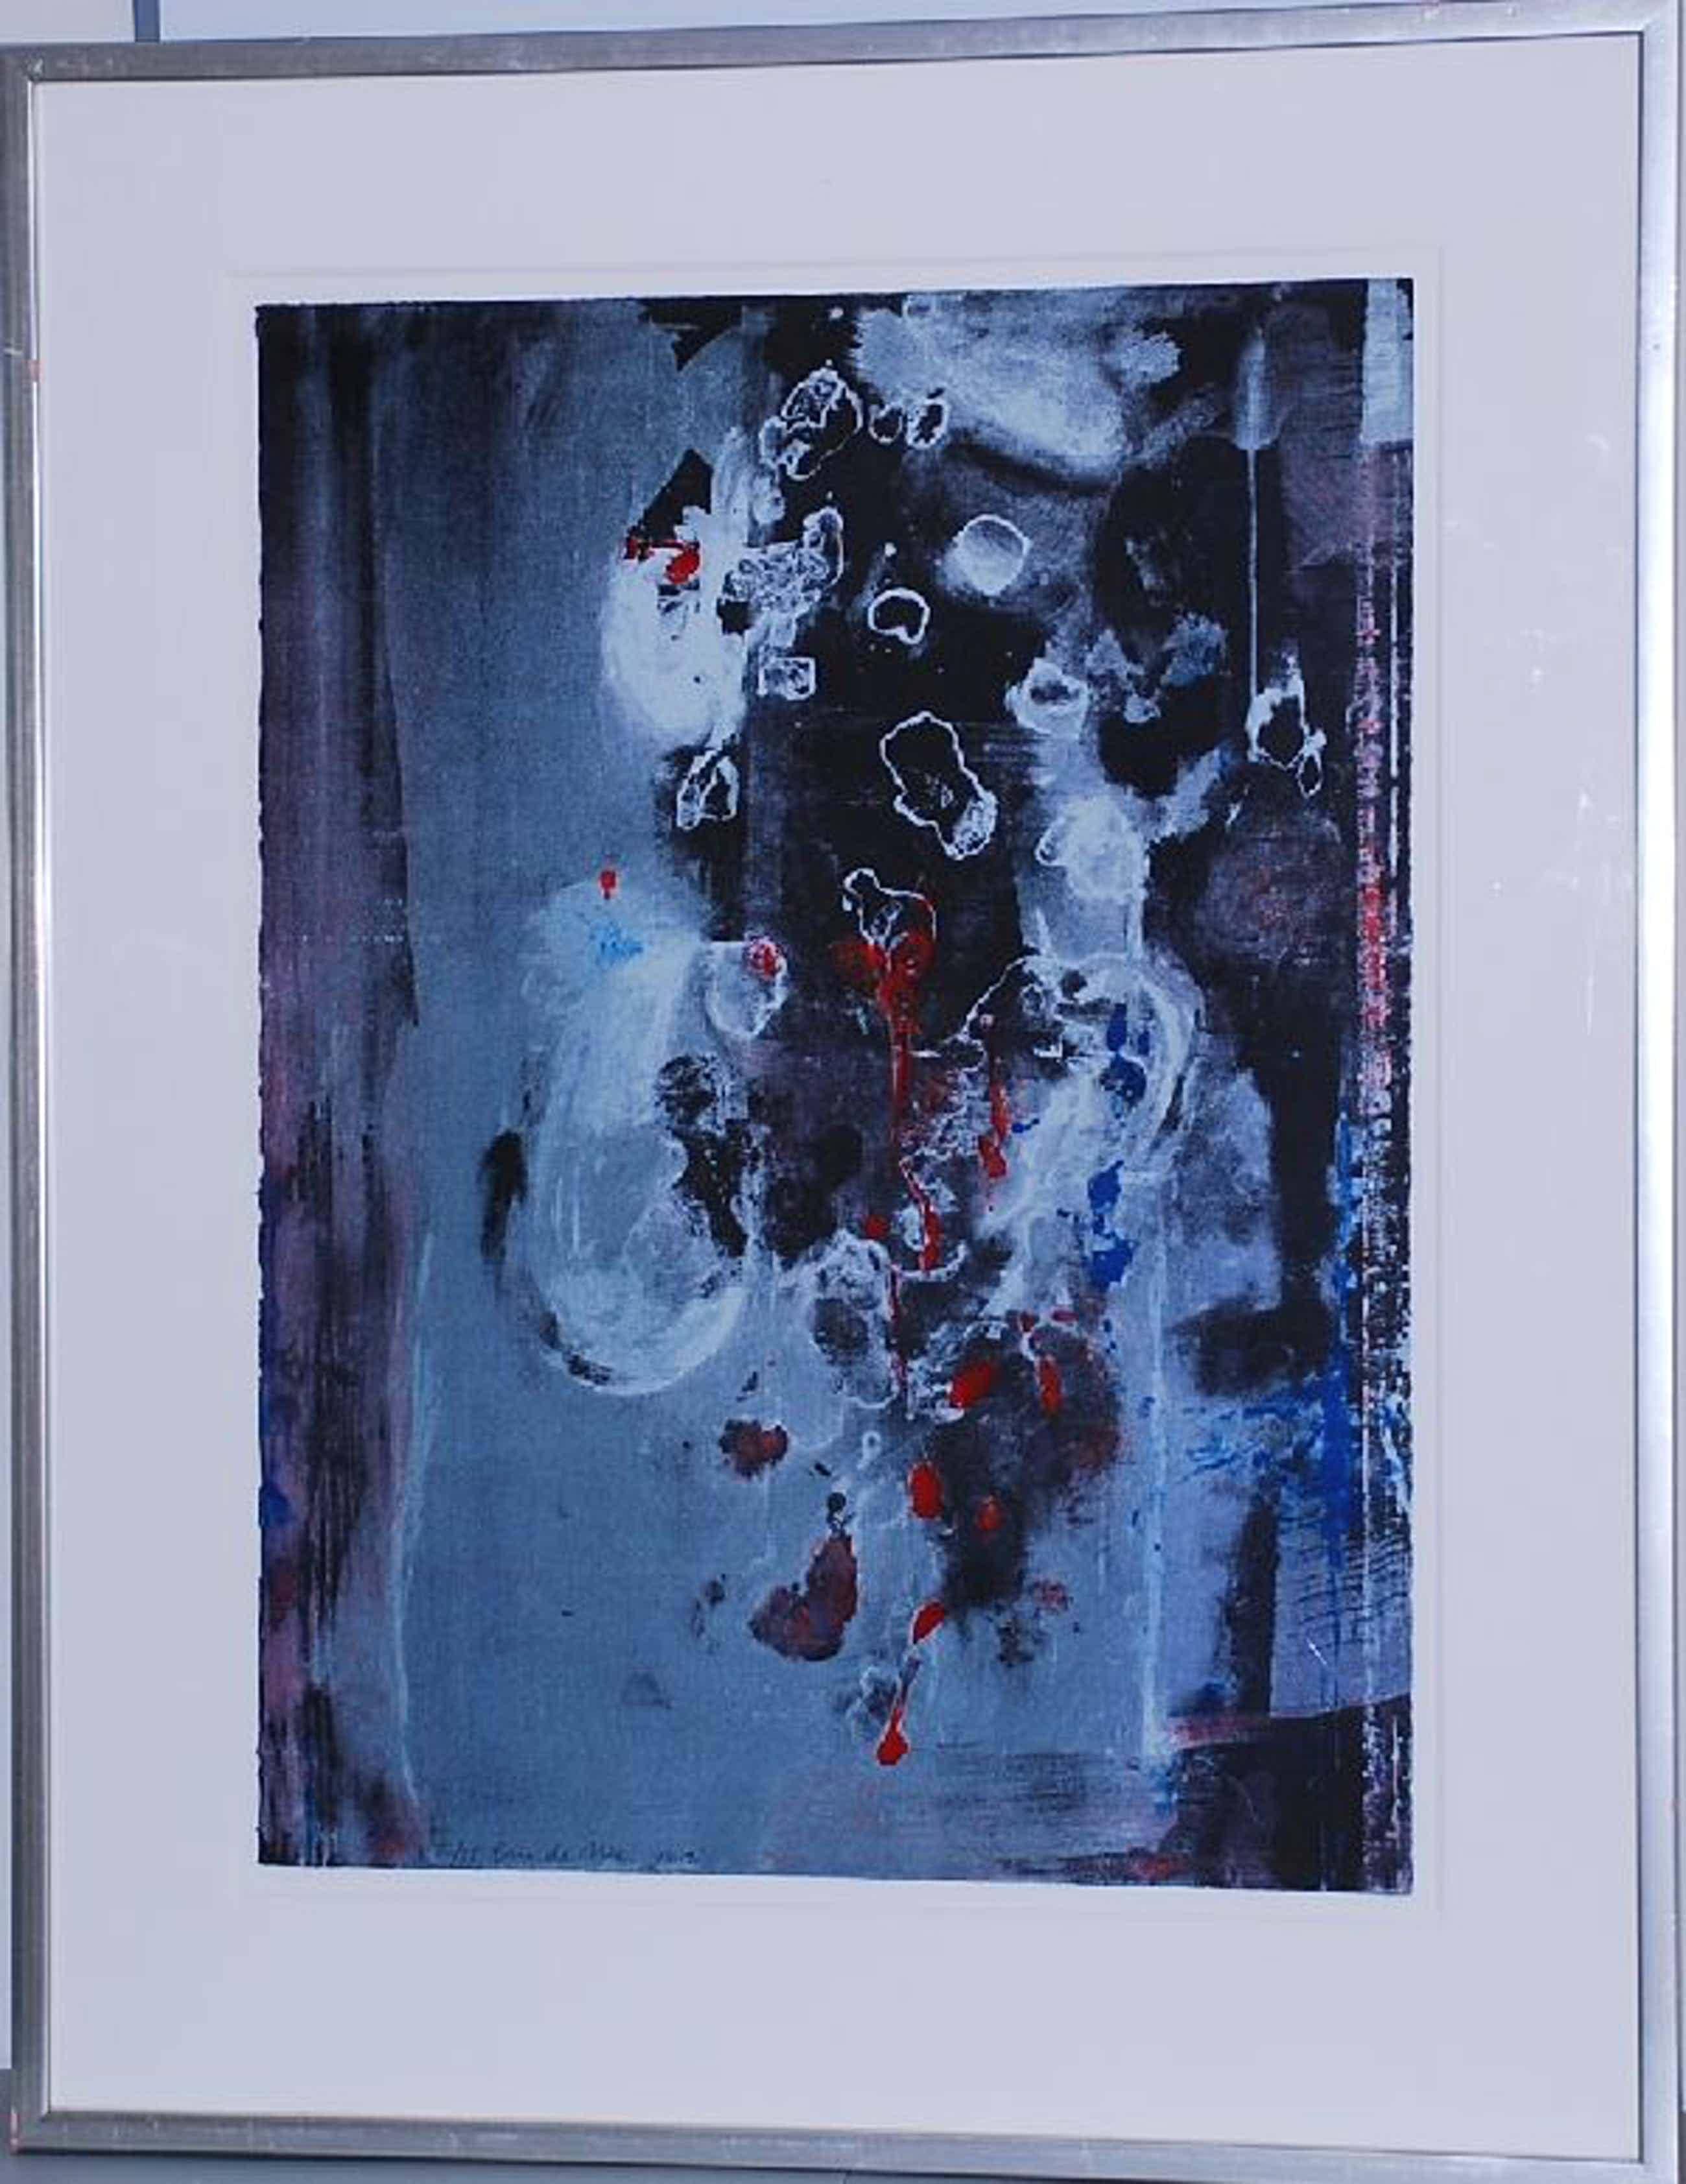 Eric de Nie: Kleurenlitho Abstracte Compositie. Ingelijst kopen? Bied vanaf 100!